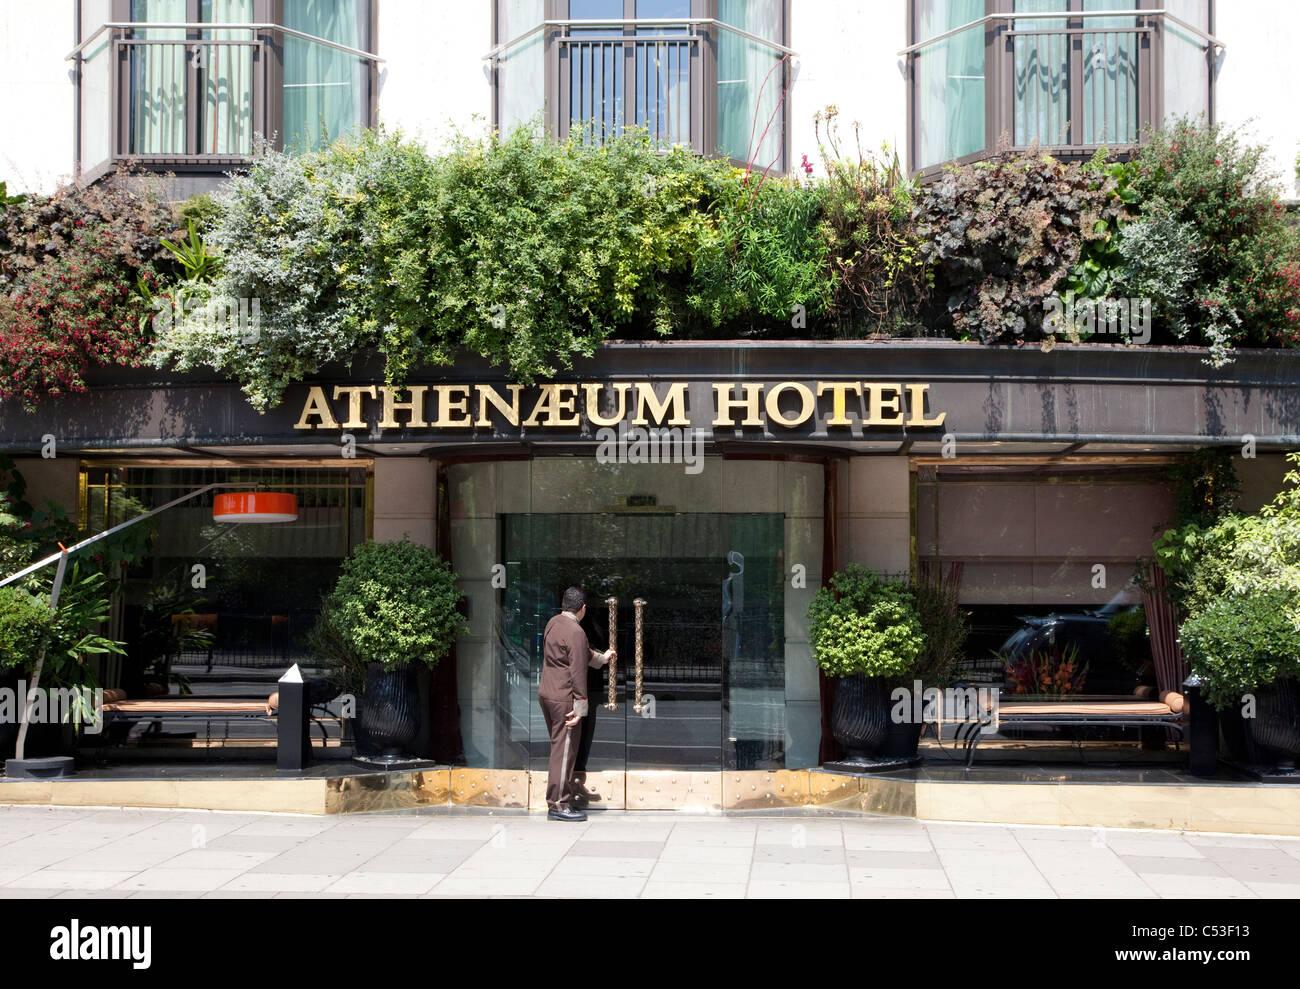 Athenaeum London Stock Photos & Athenaeum London Stock ...